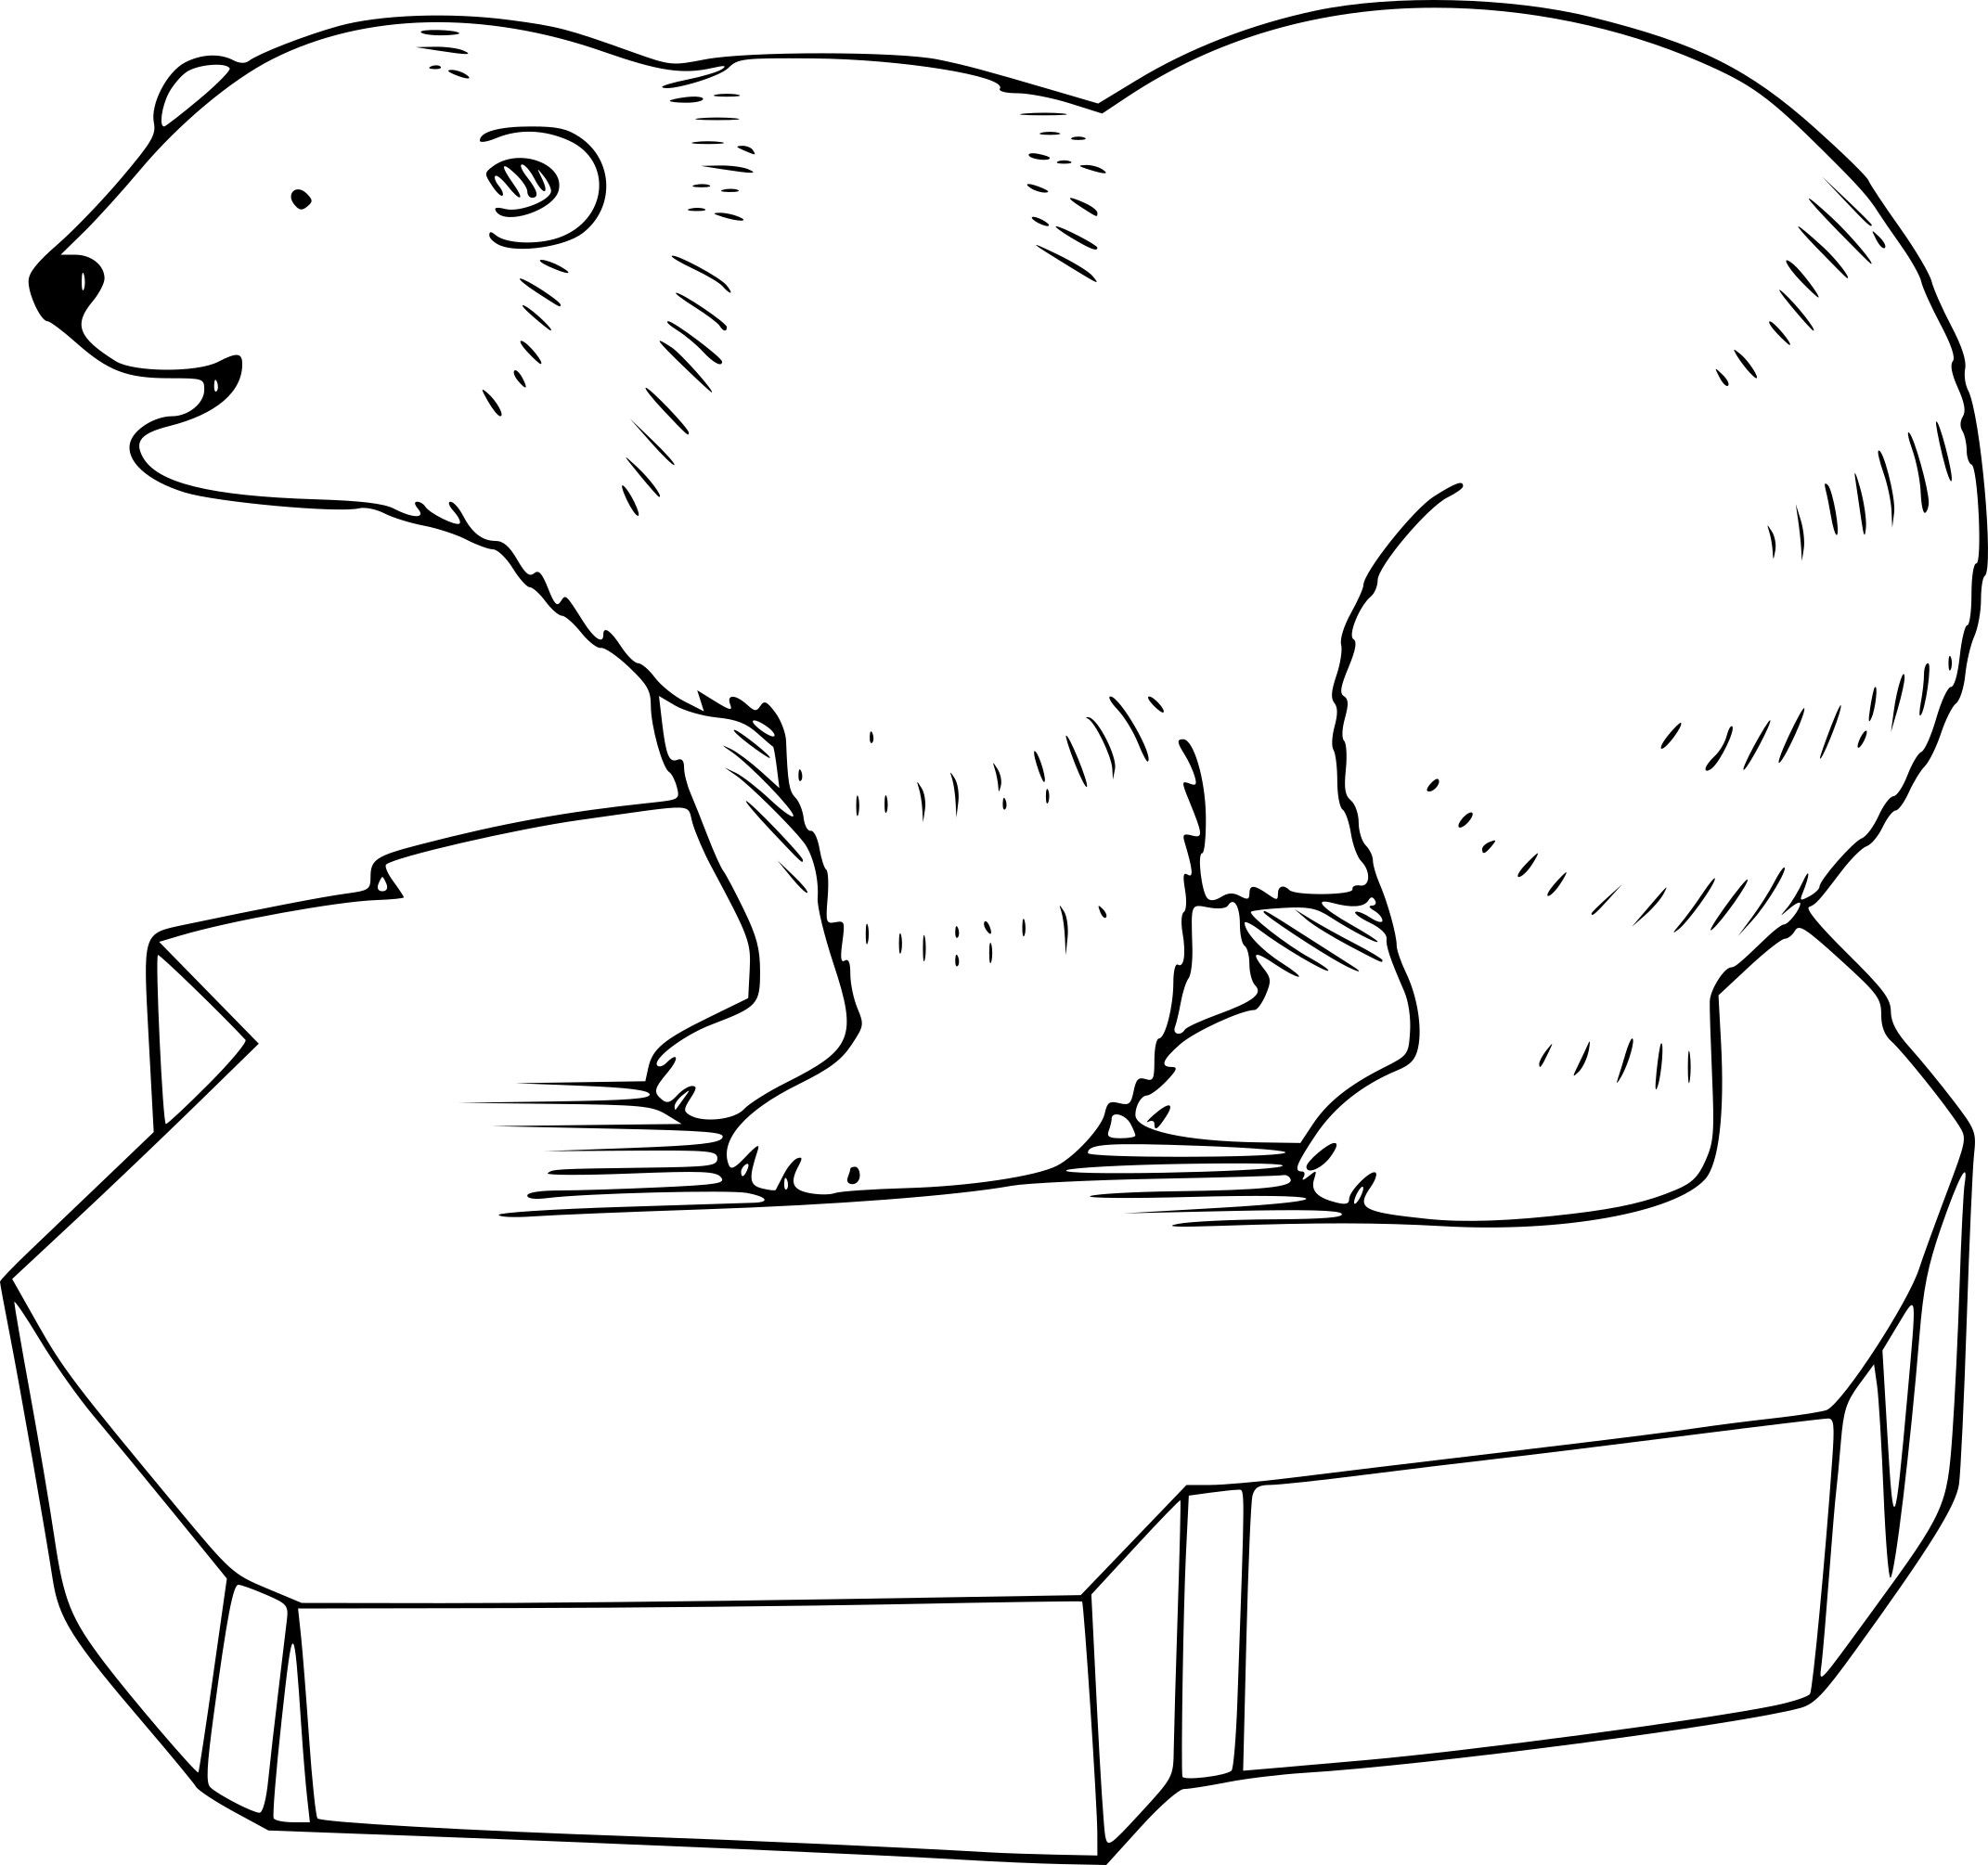 Beau coloriage a imprimer animaux de la banquise - Dessin banquise ...